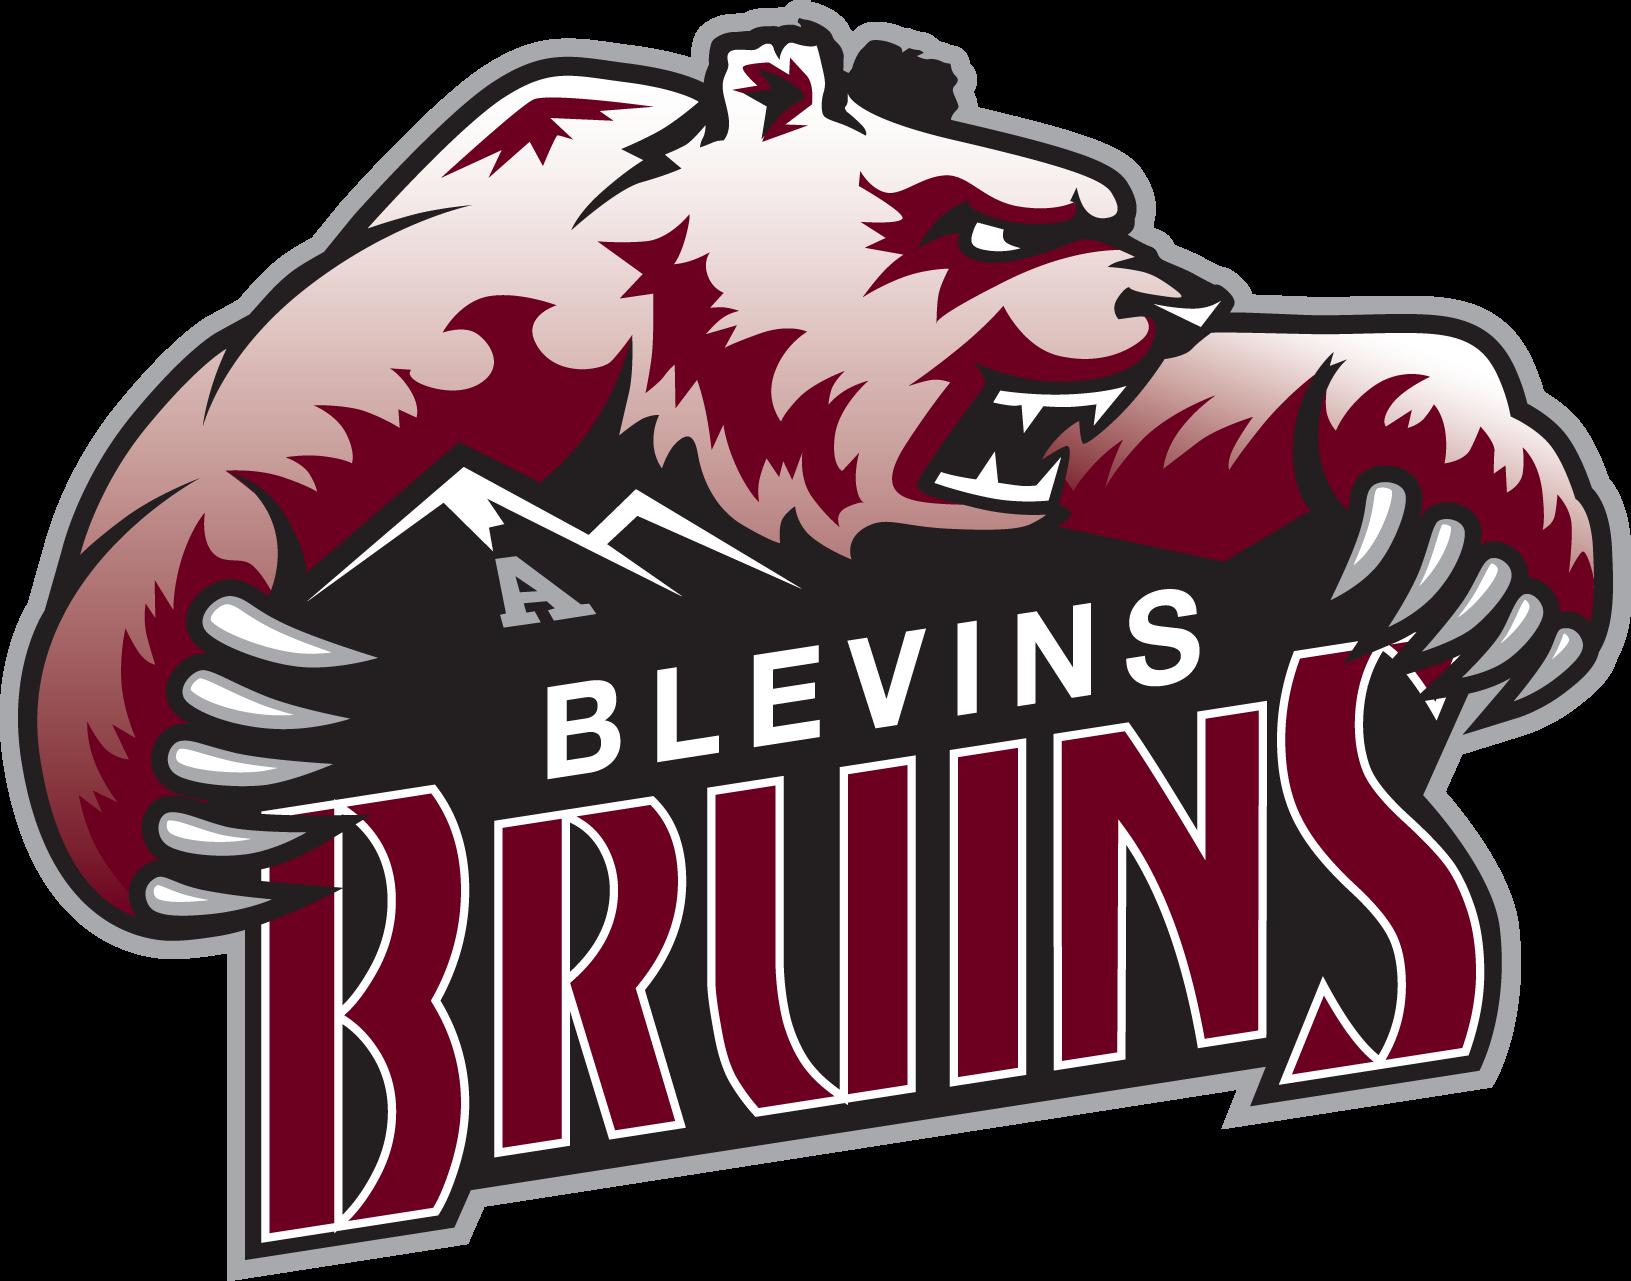 Blevins Bruins